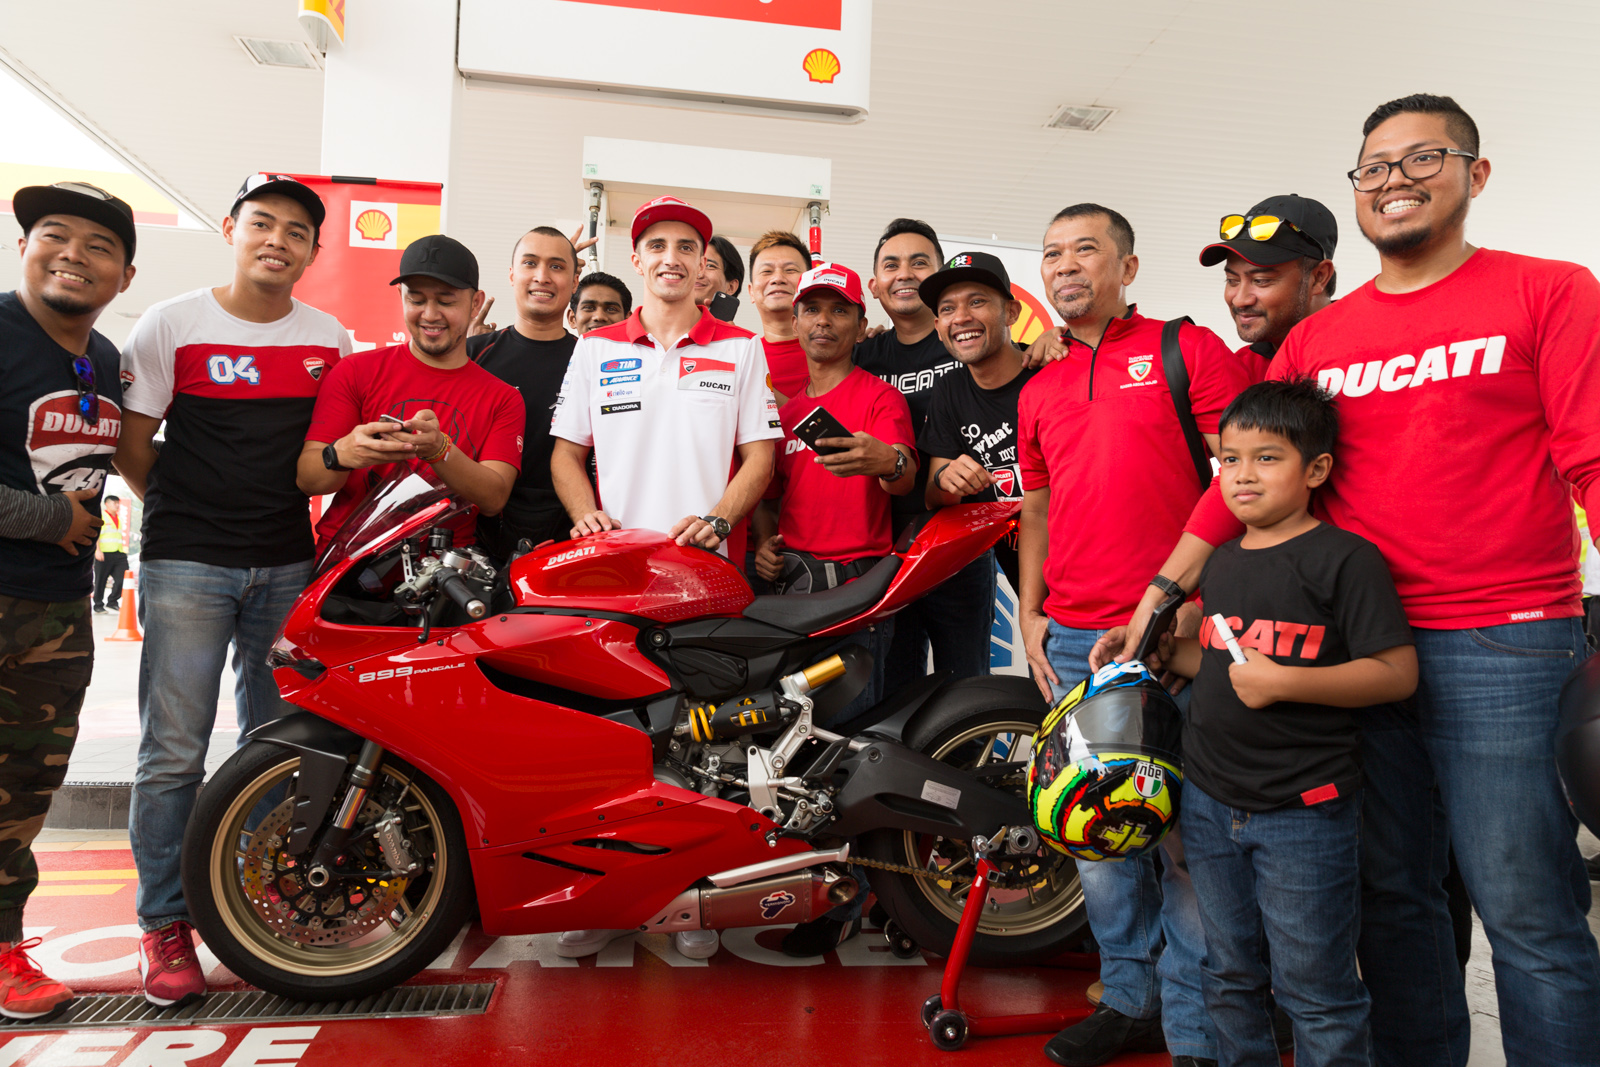 Shell e Ducati: evento in Malesia